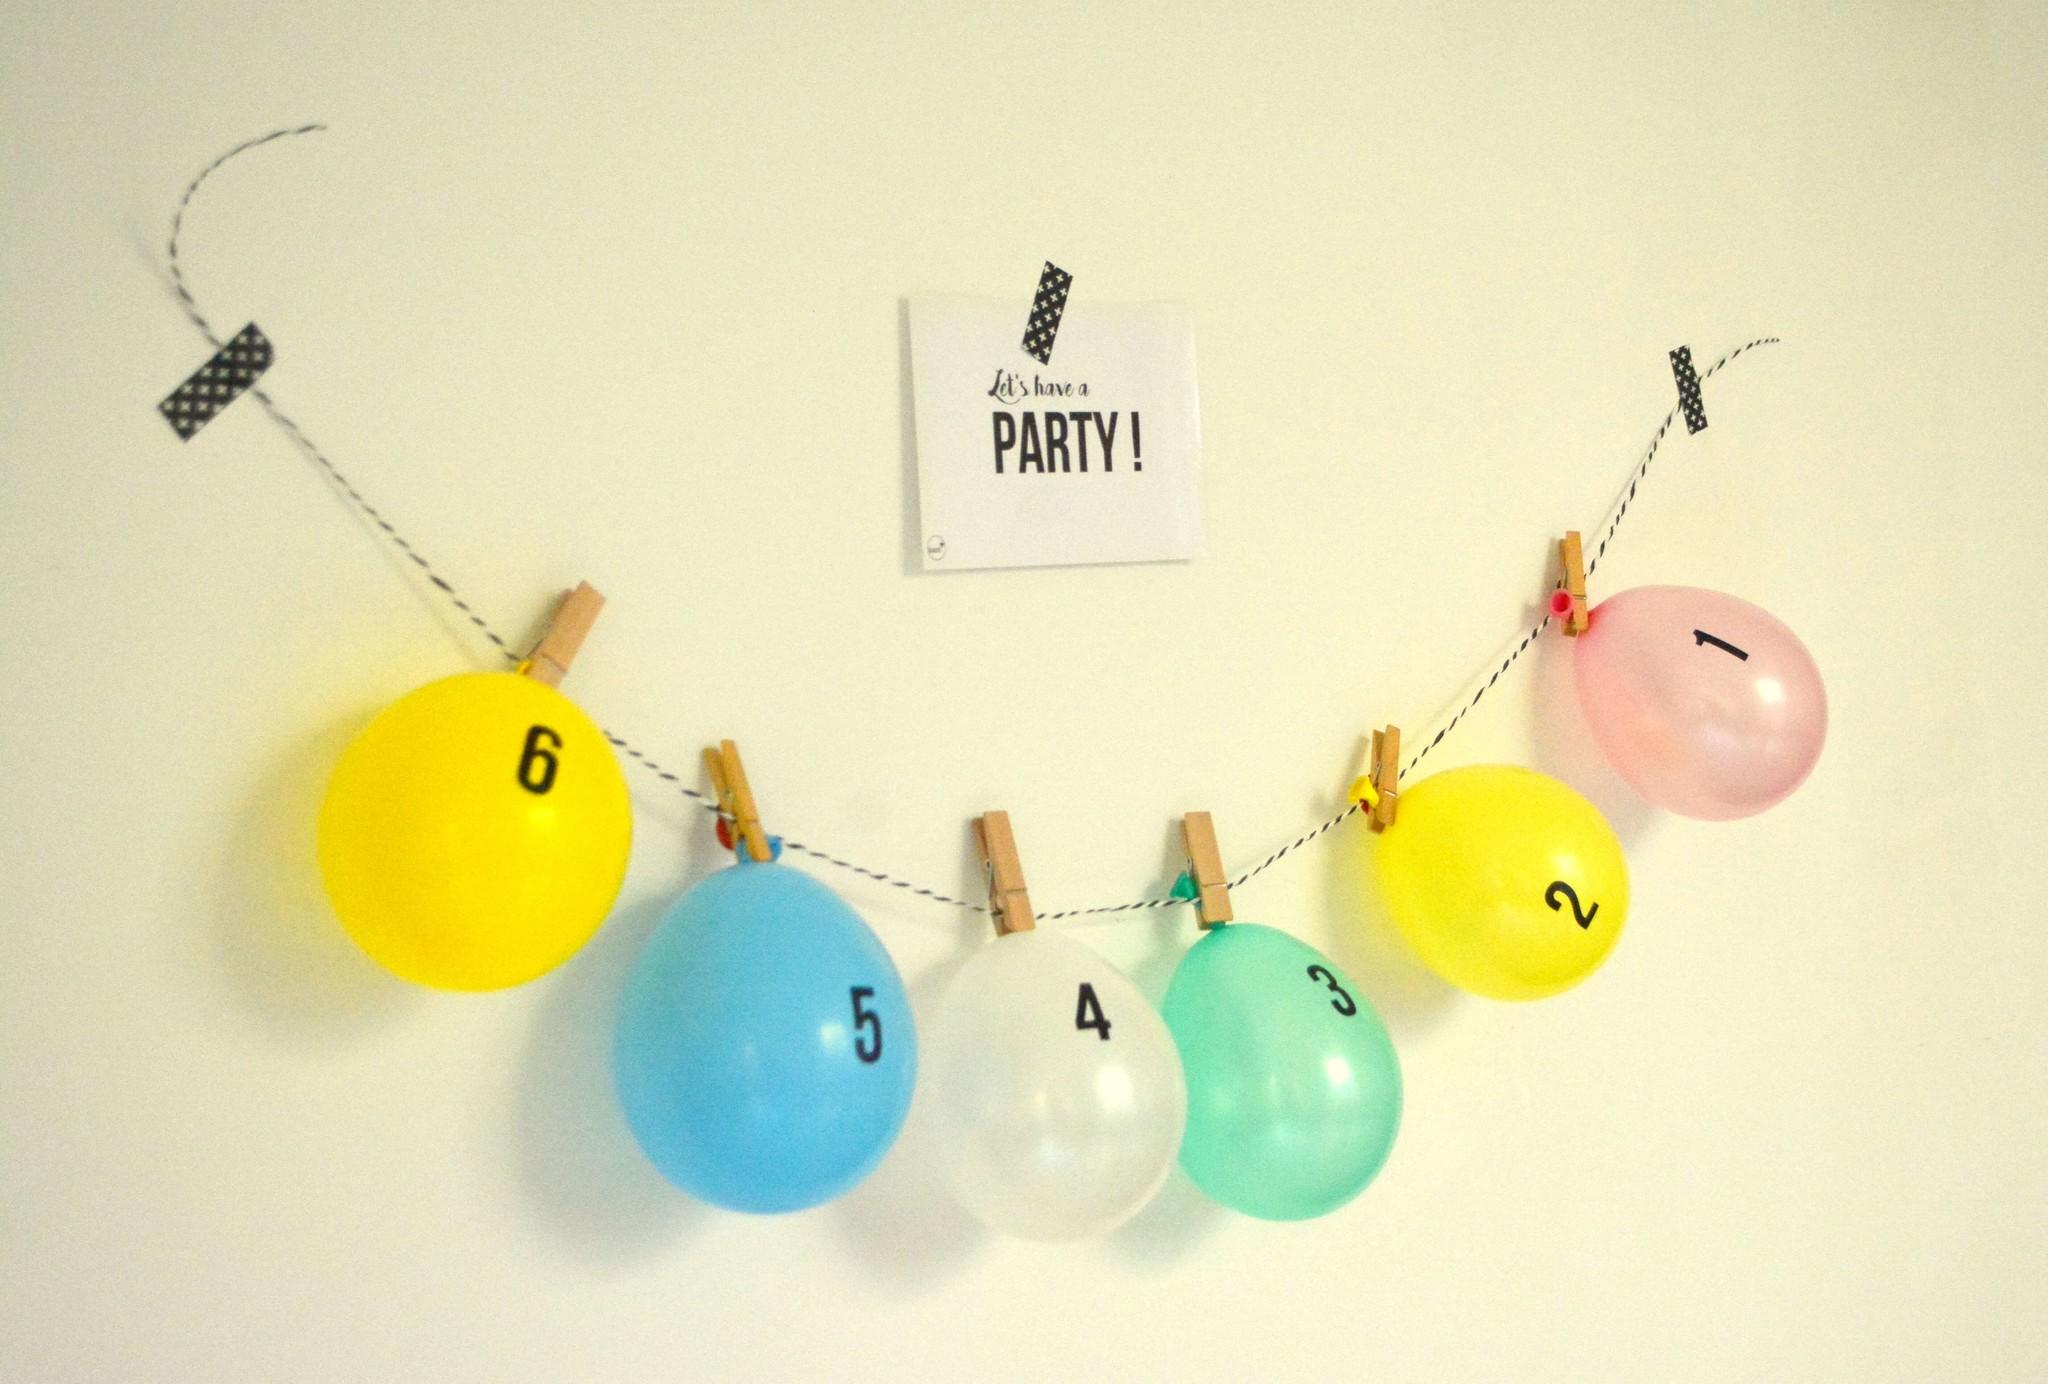 aftelkalender miniballonnen